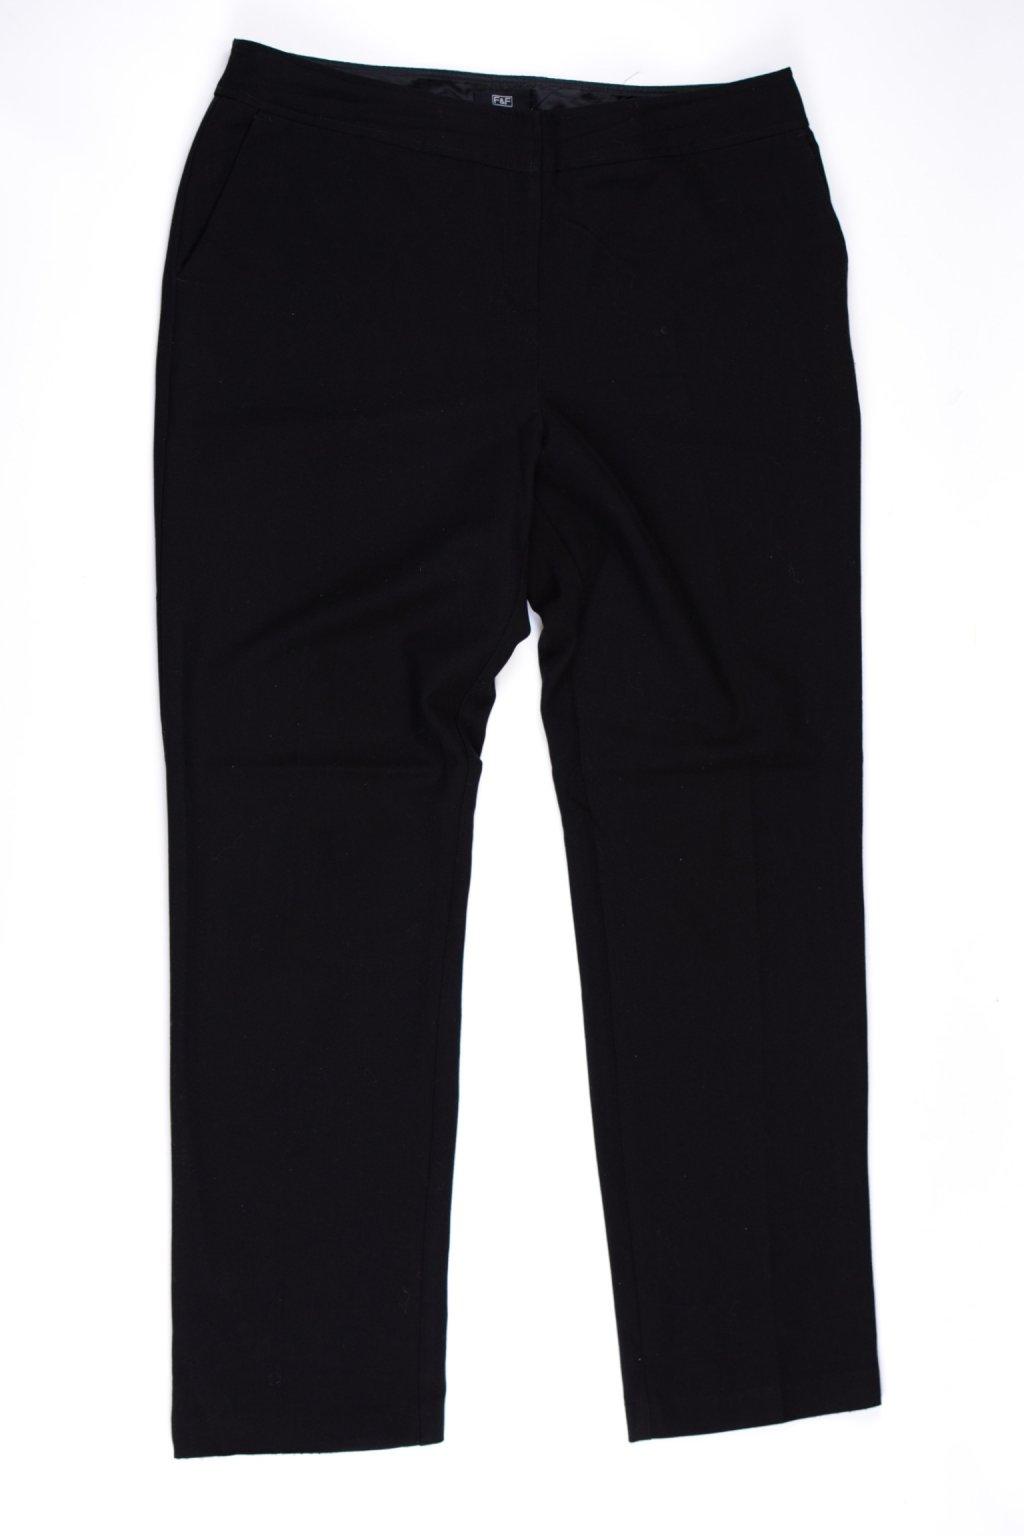 Kalhoty formální F&F vel M/42/uk14 černé